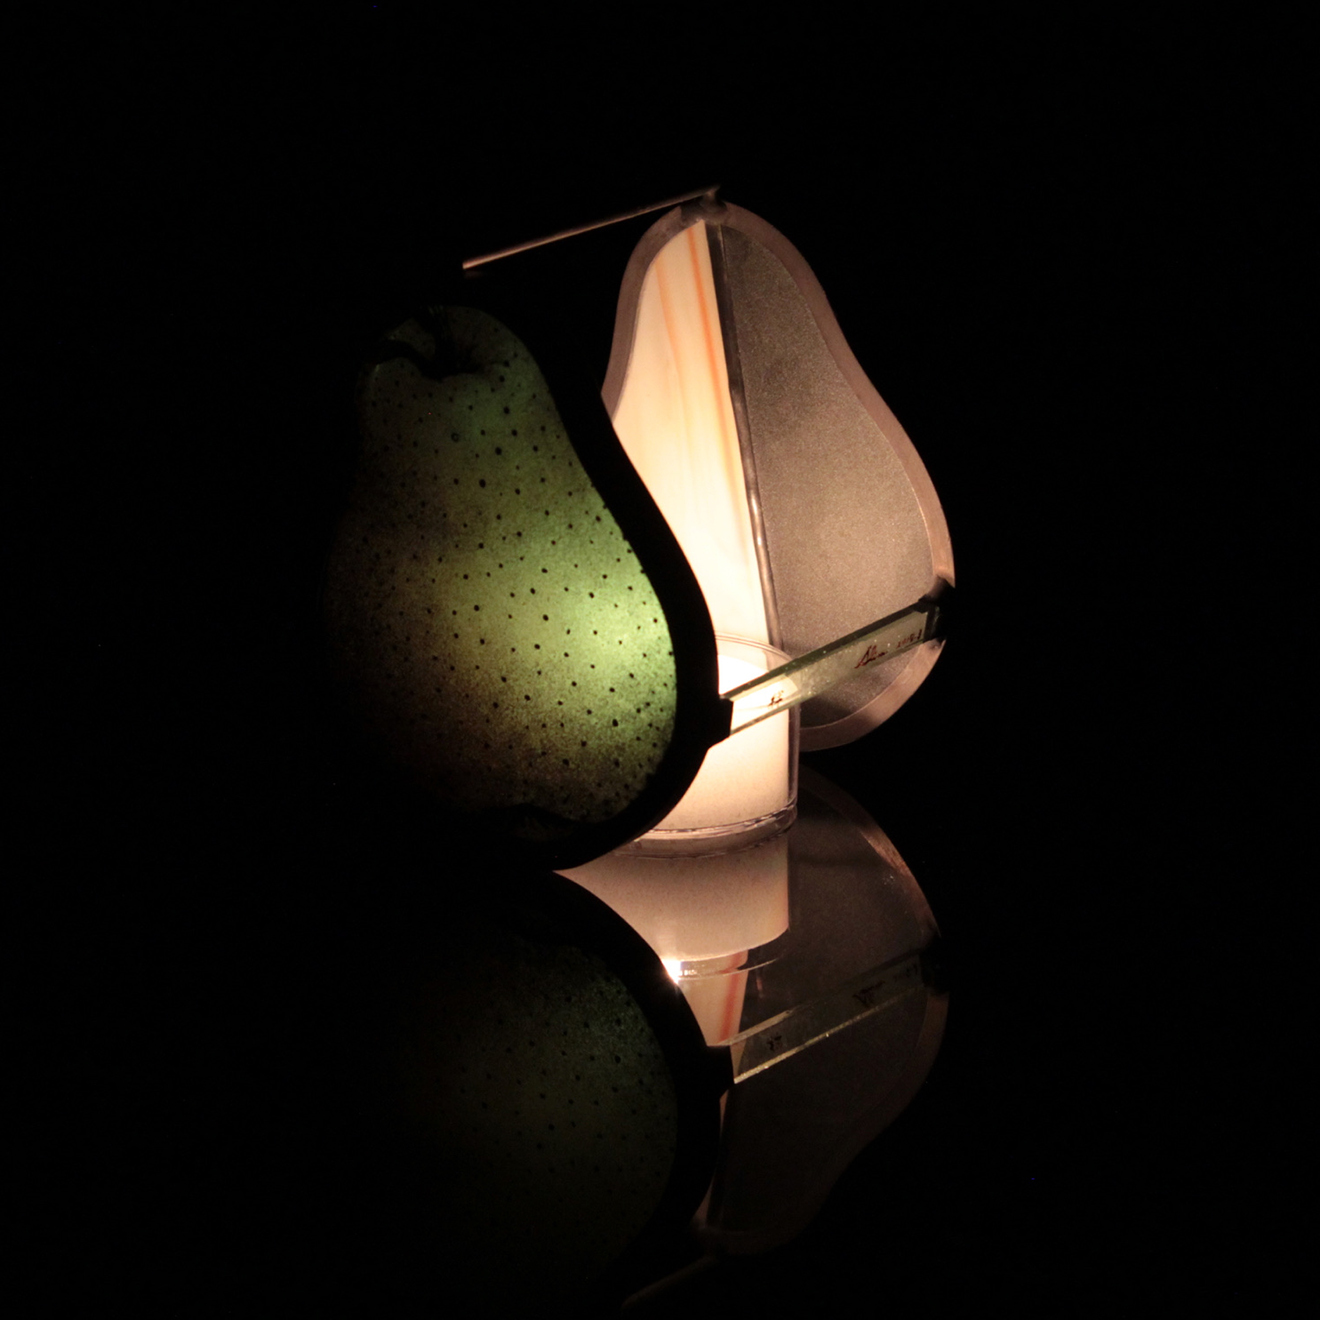 洋梨の形をした3つの小品 03